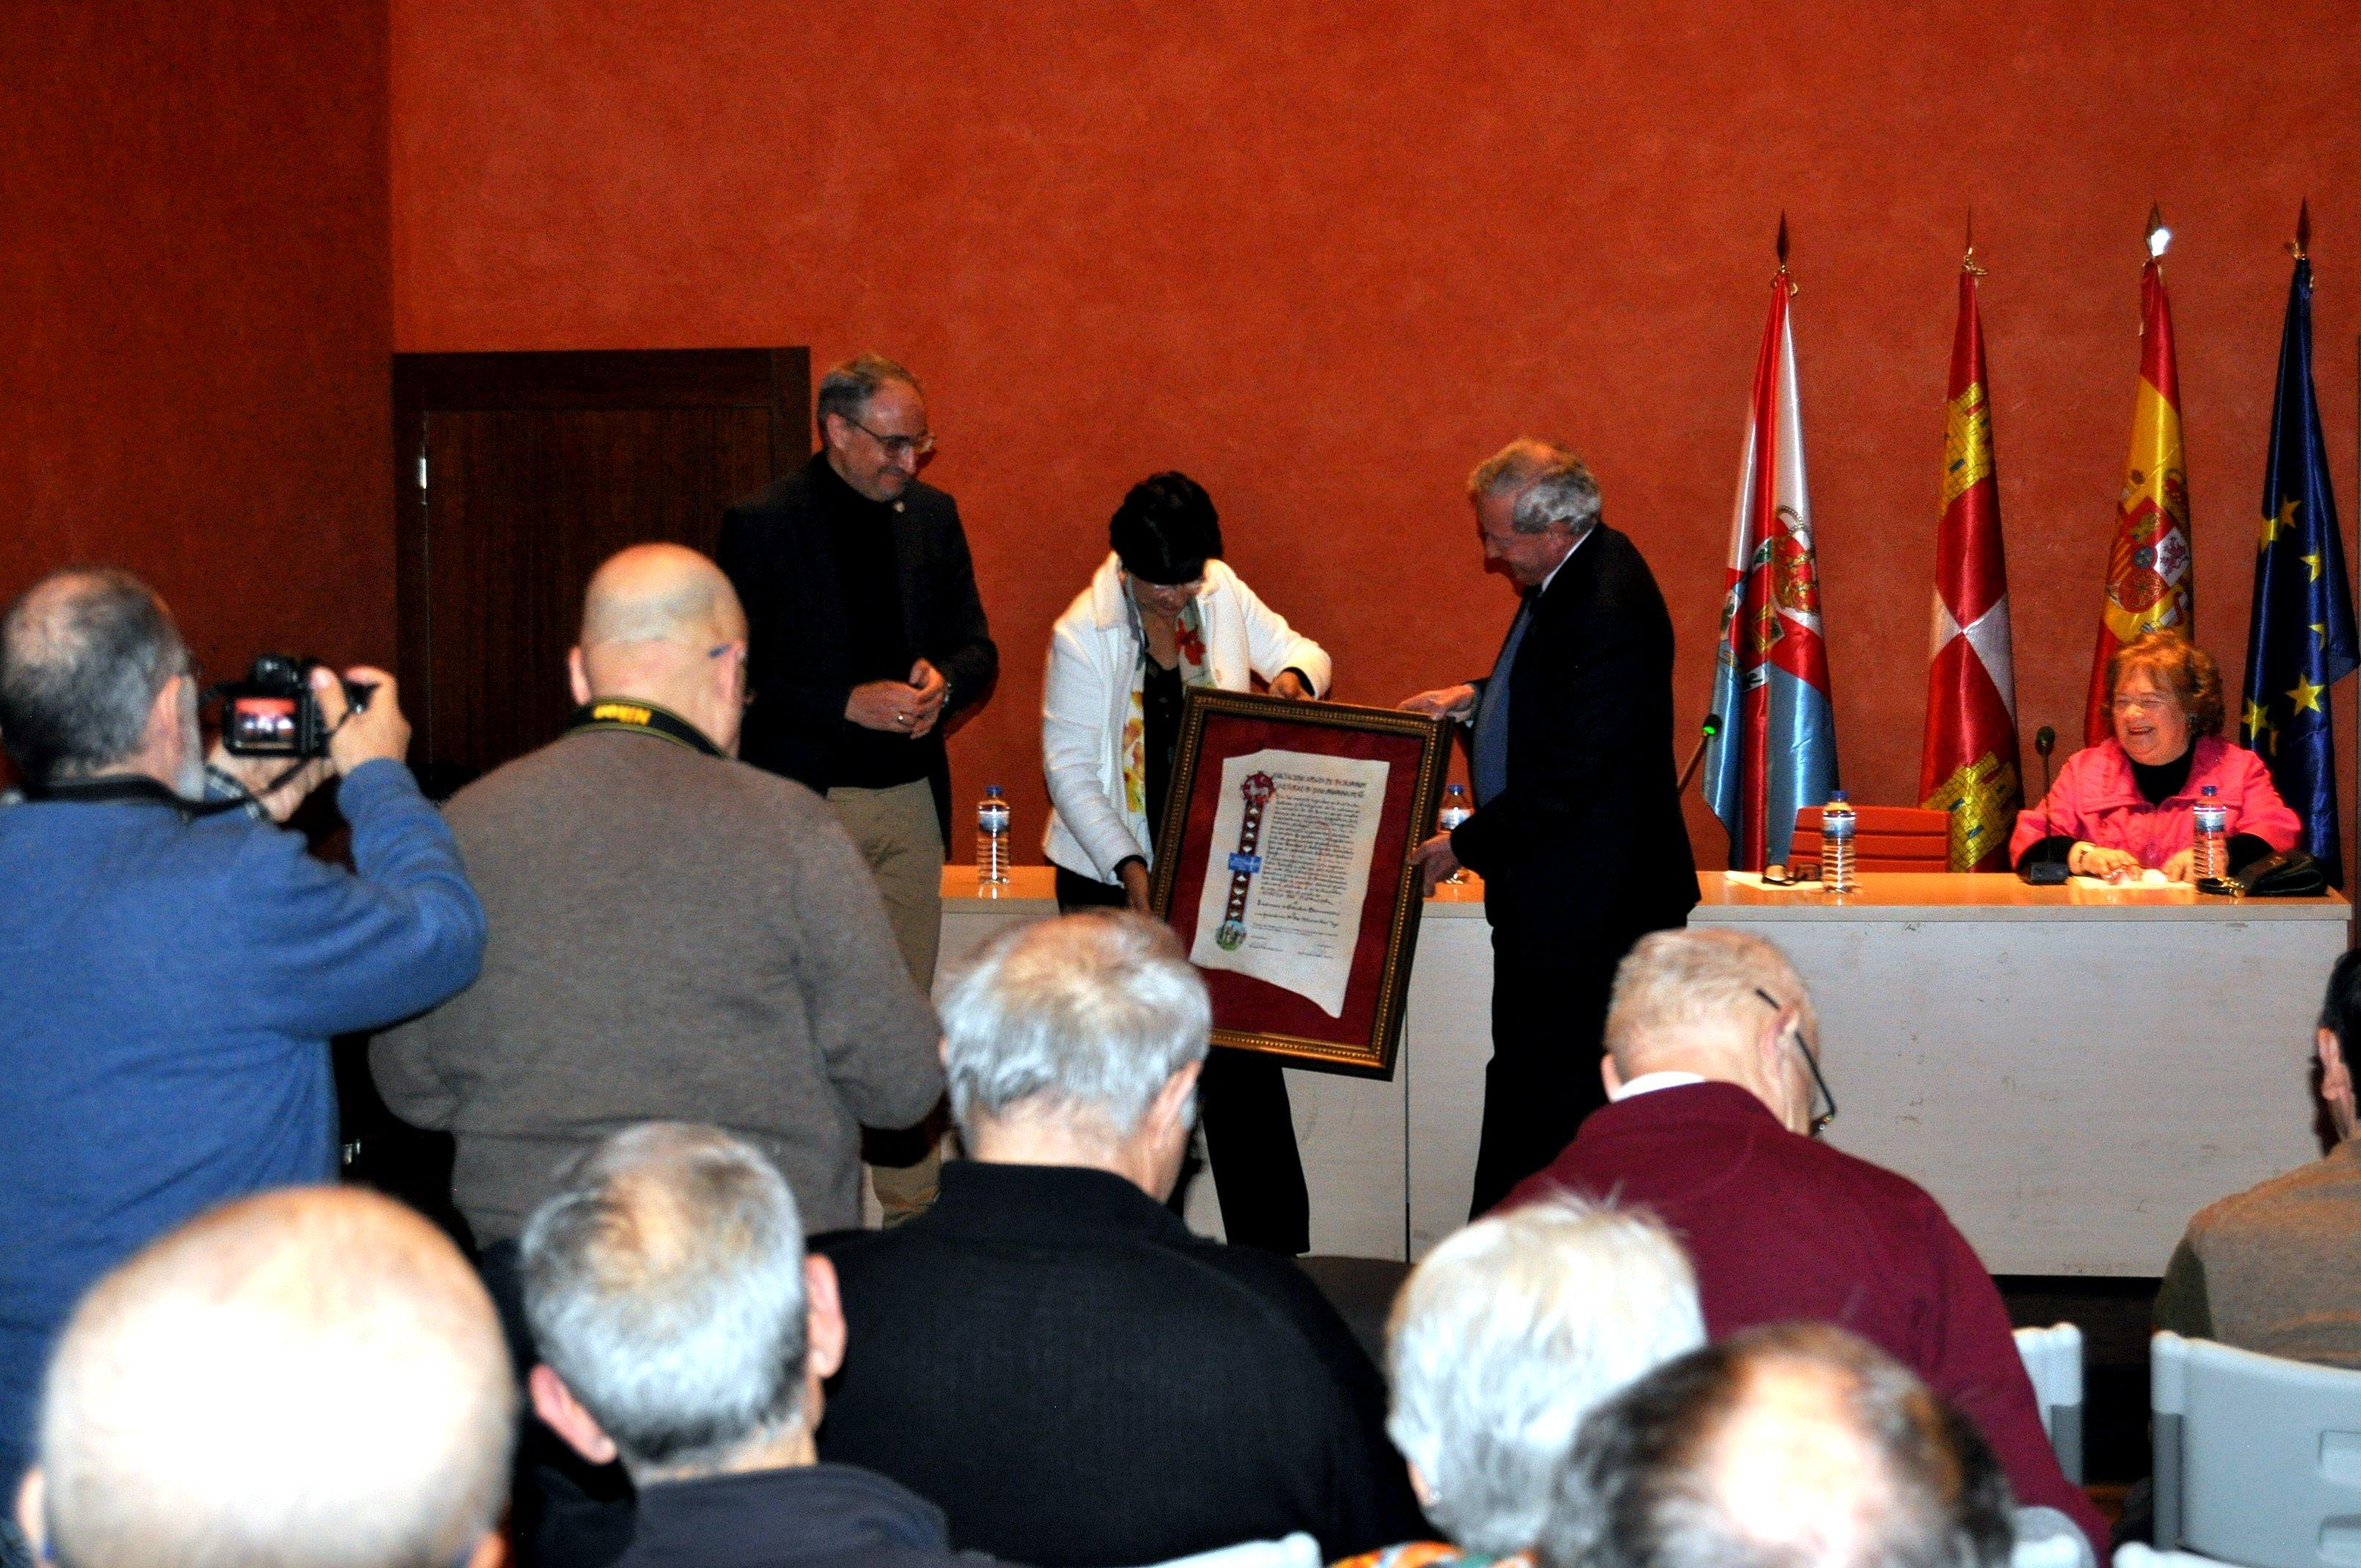 Entrega del Diploma en presencia de D. Olegario Ramón, alcalde de Ponferrada.